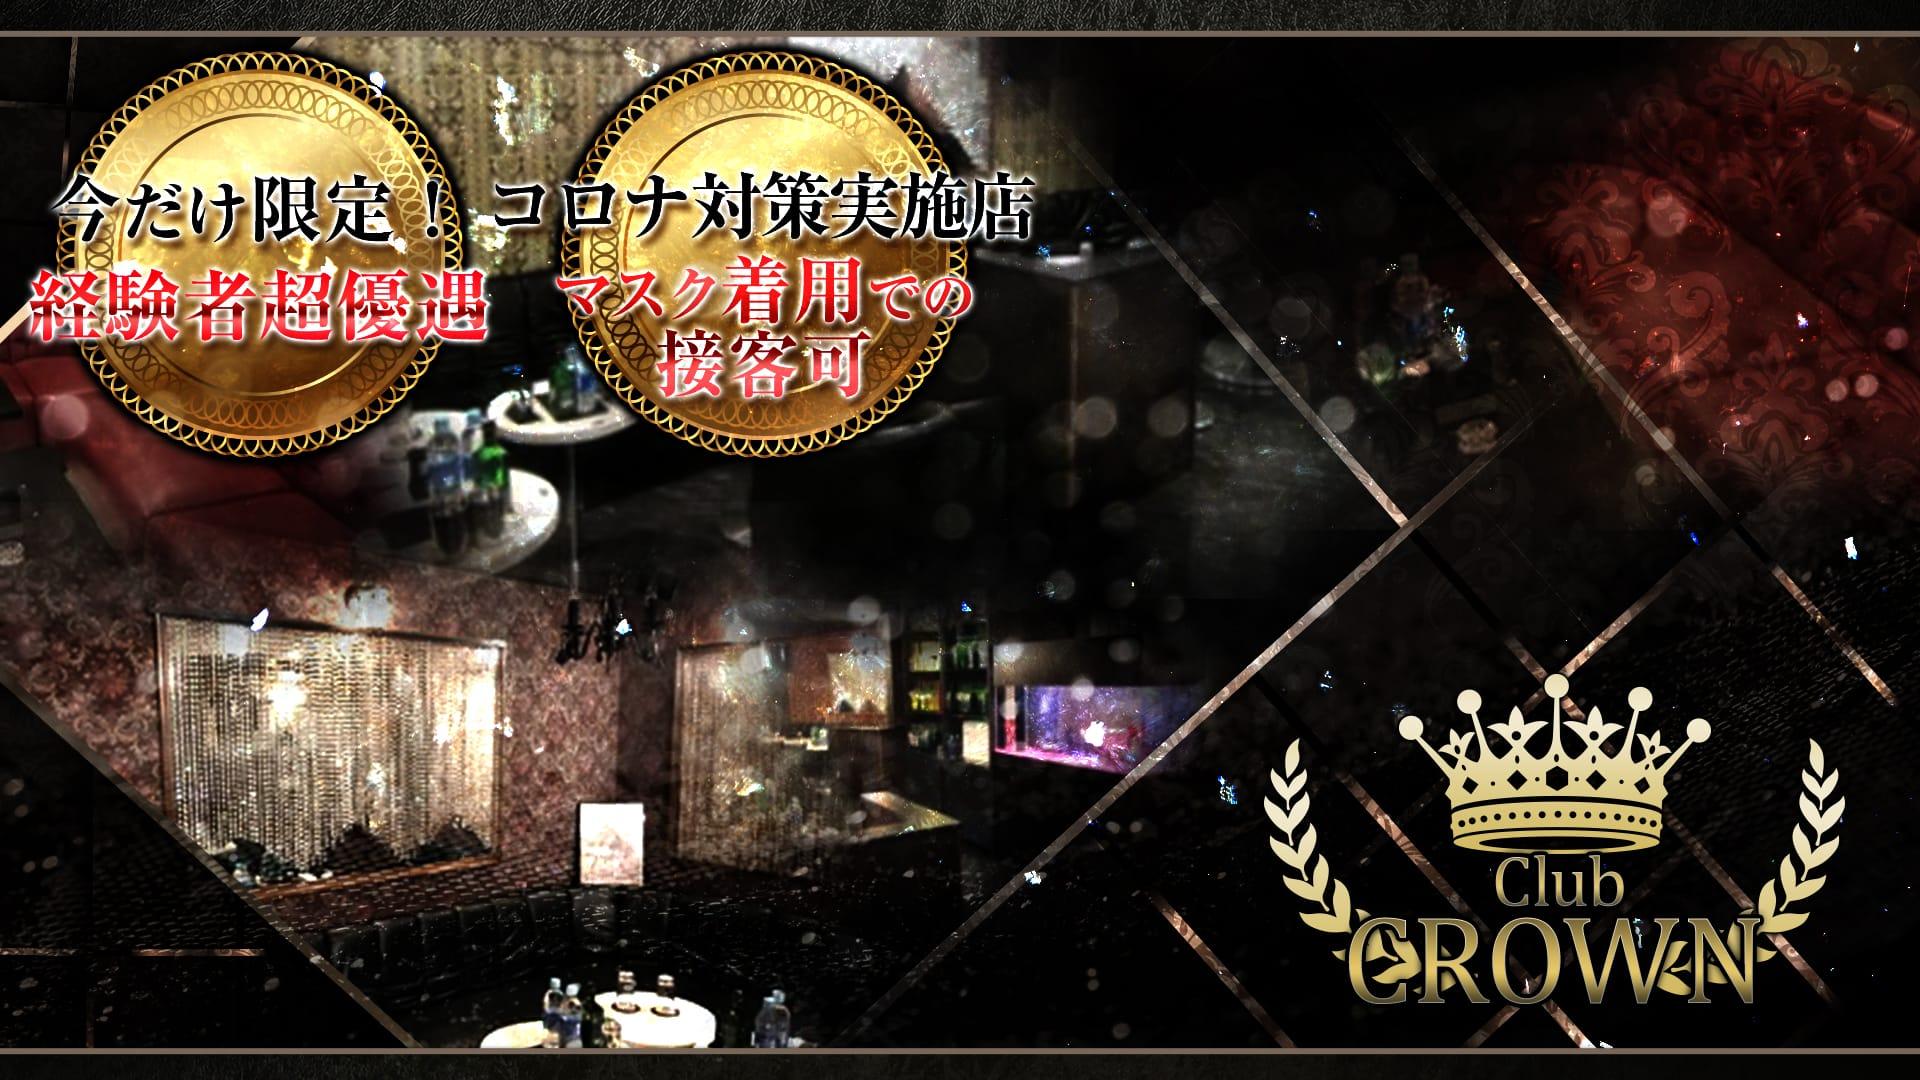 【津田沼】CROWN(クラウン) 船橋キャバクラ TOP画像